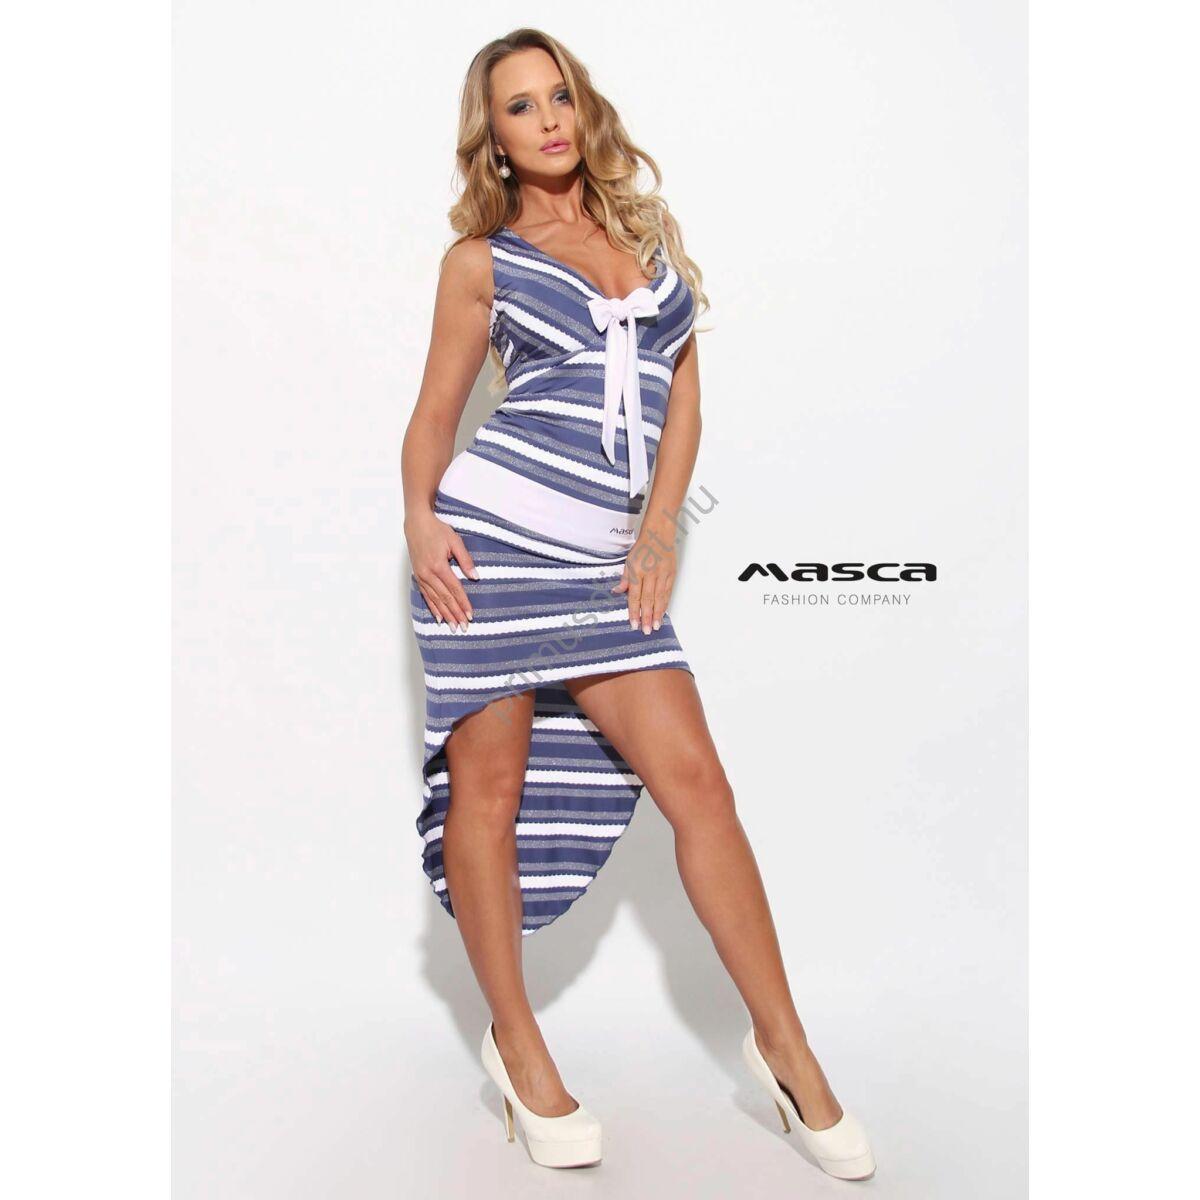 627ff66ab7 Masca Fashion fehér kötős dekoltázsú, lurexes kék-fehér csíkos ujjatlan  ruha, hátul ívelten